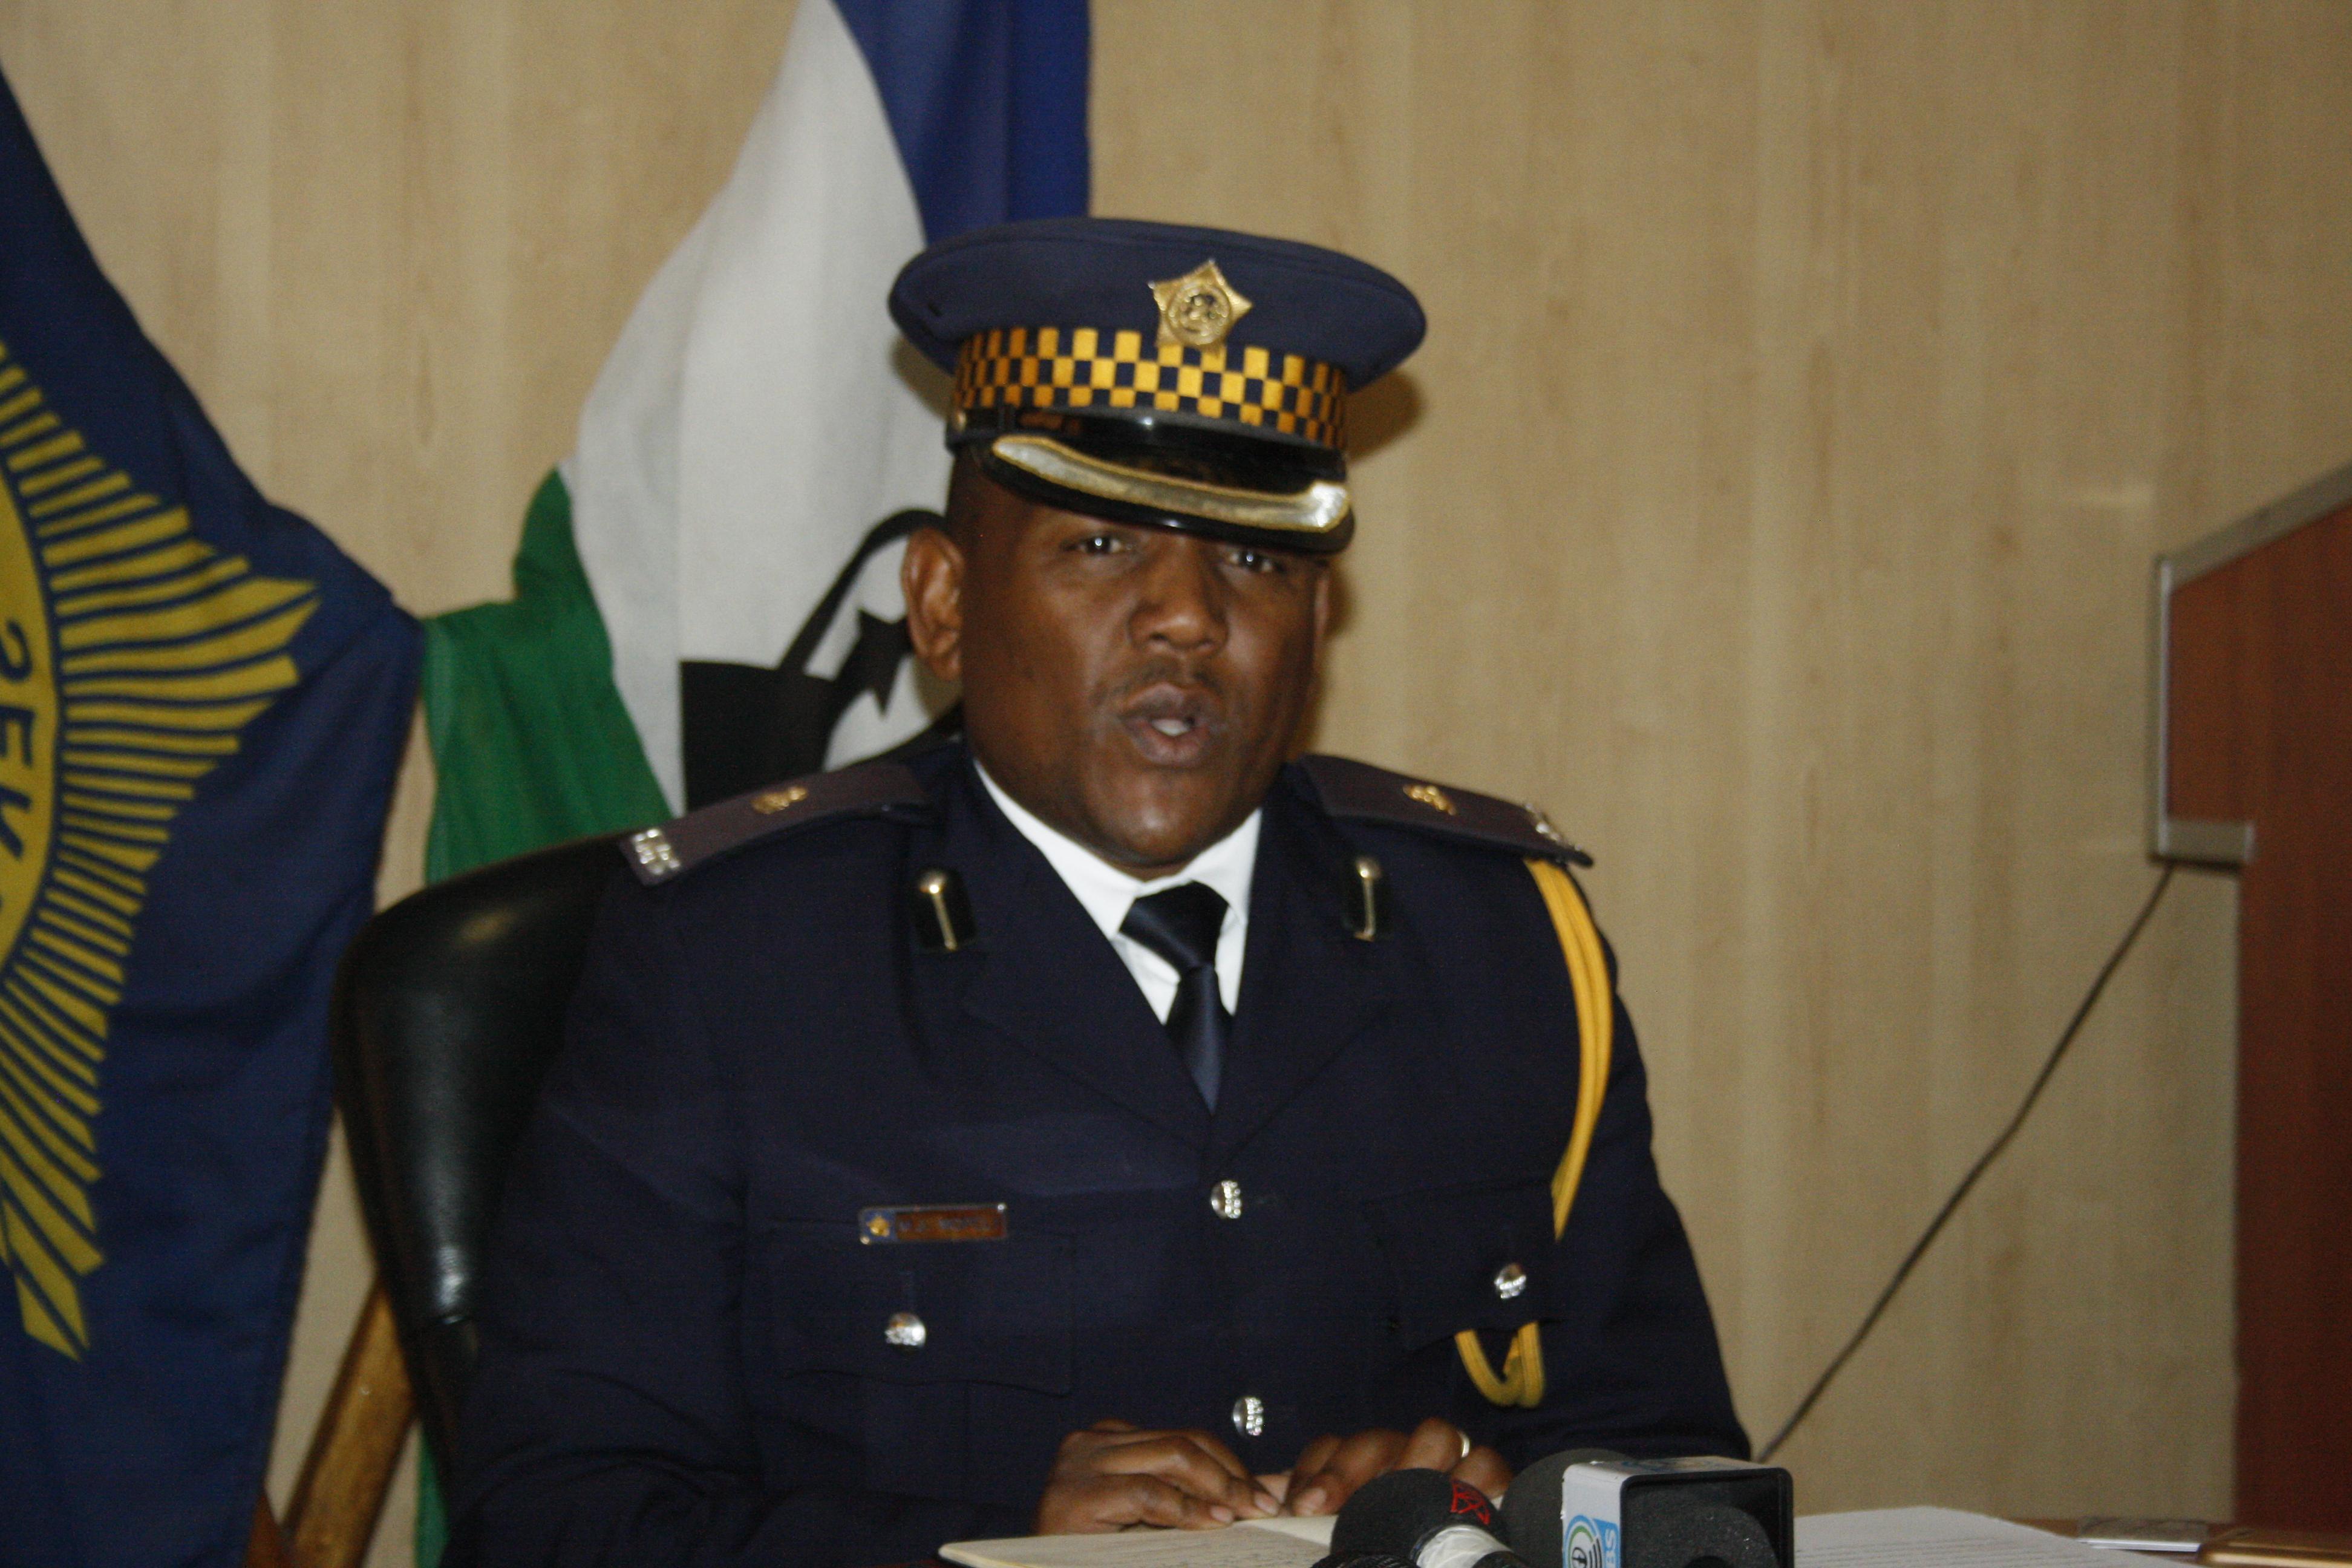 Photo of Sekhaocha nabbed for car theft